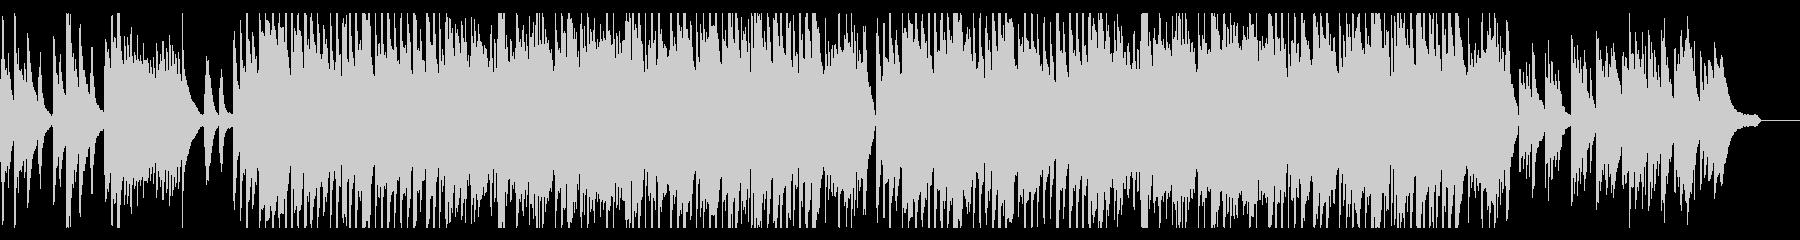 ほのぼの 素朴 ピアノとクラリネットの未再生の波形